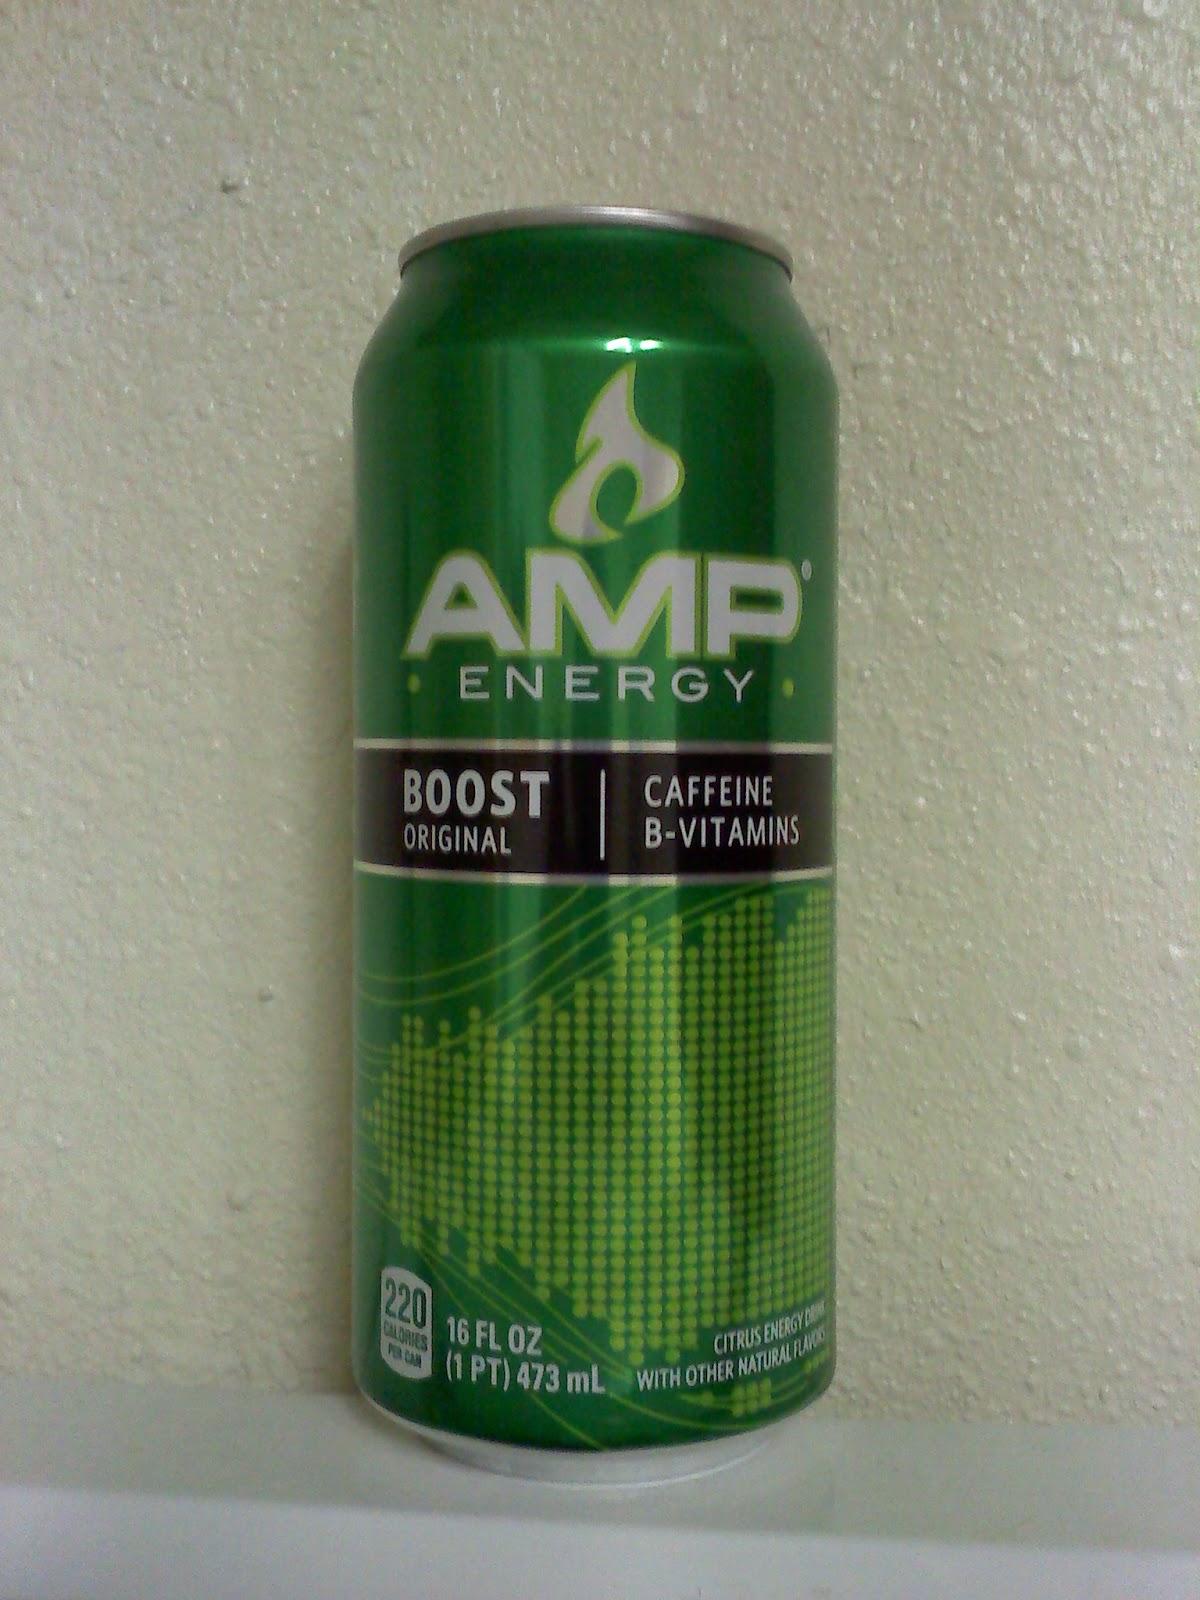 caffeine review for amp energy boost original